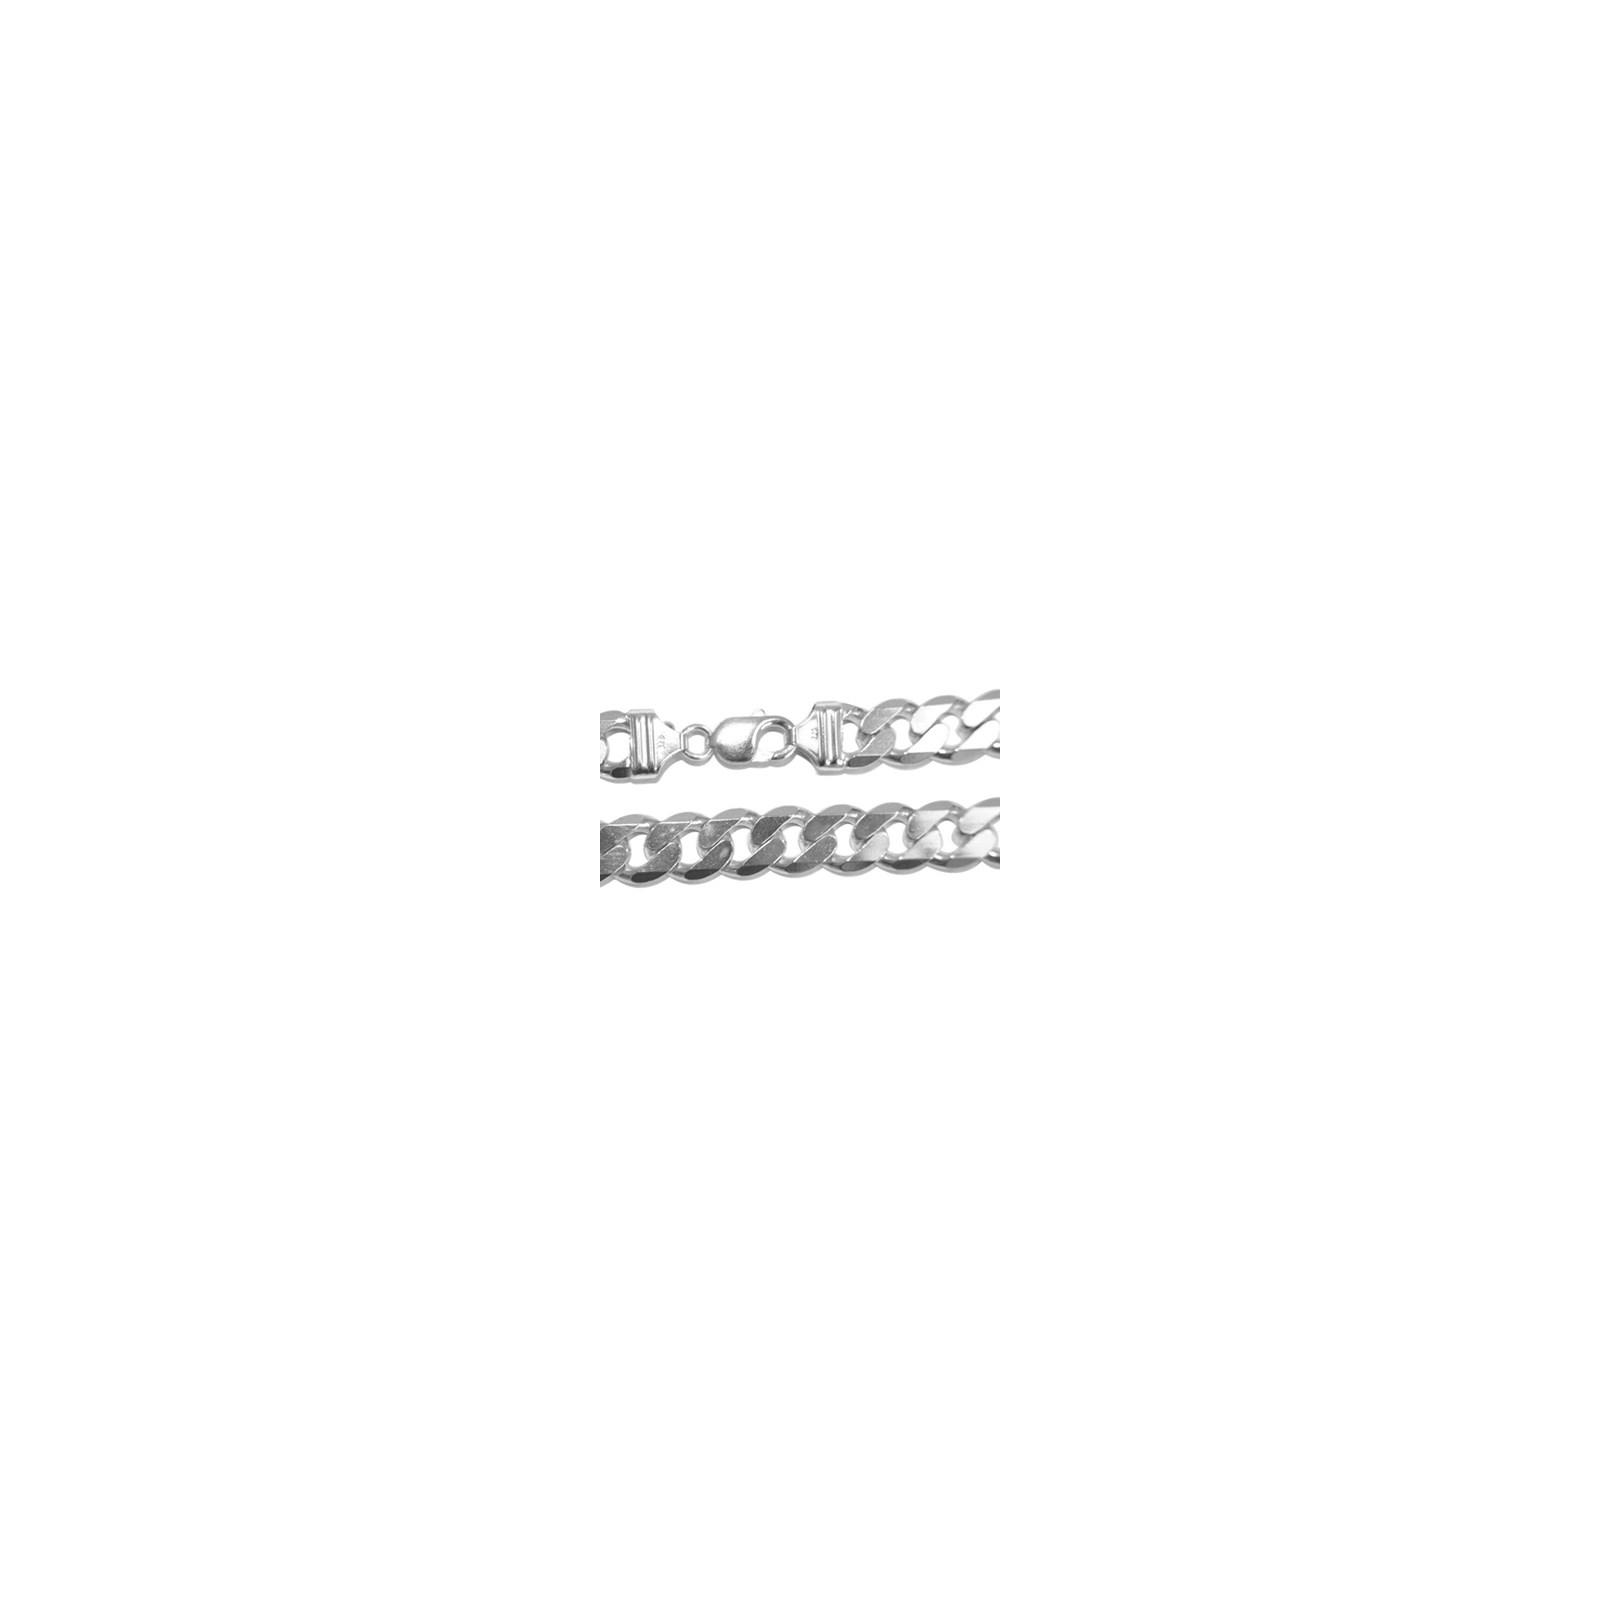 ab6782cd7 Corrente de prata Italiana grossa Grumet (60 cm.) - Livraria Sêfer